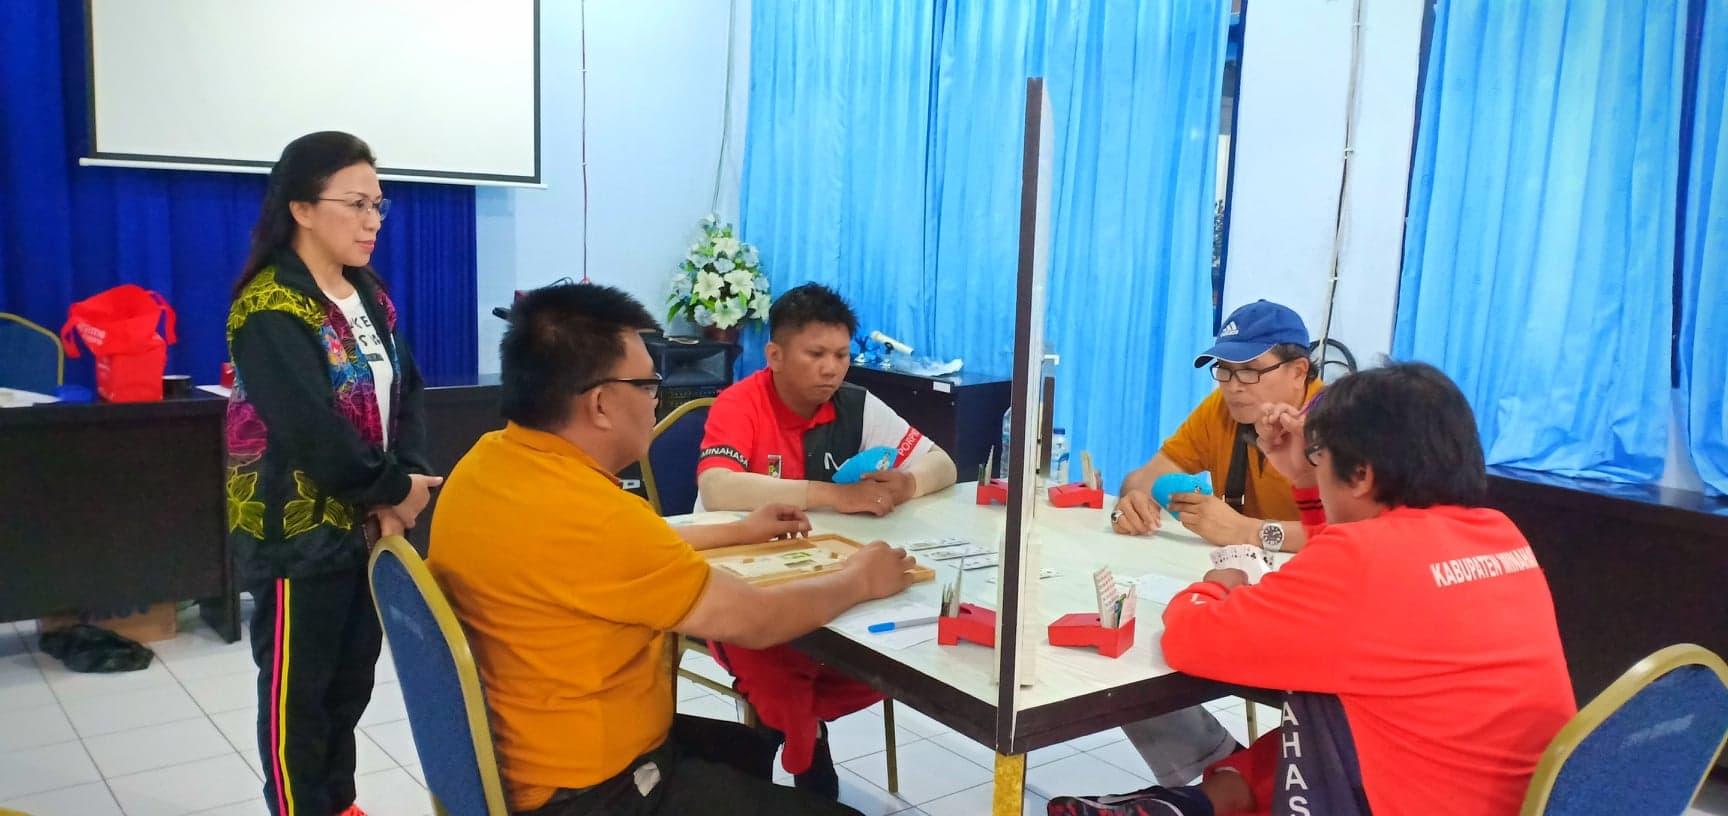 Ketua KONi Tomohon Ir Miky JL Wenur MAP saat memantau dan memberi support atlet sementara bertanding